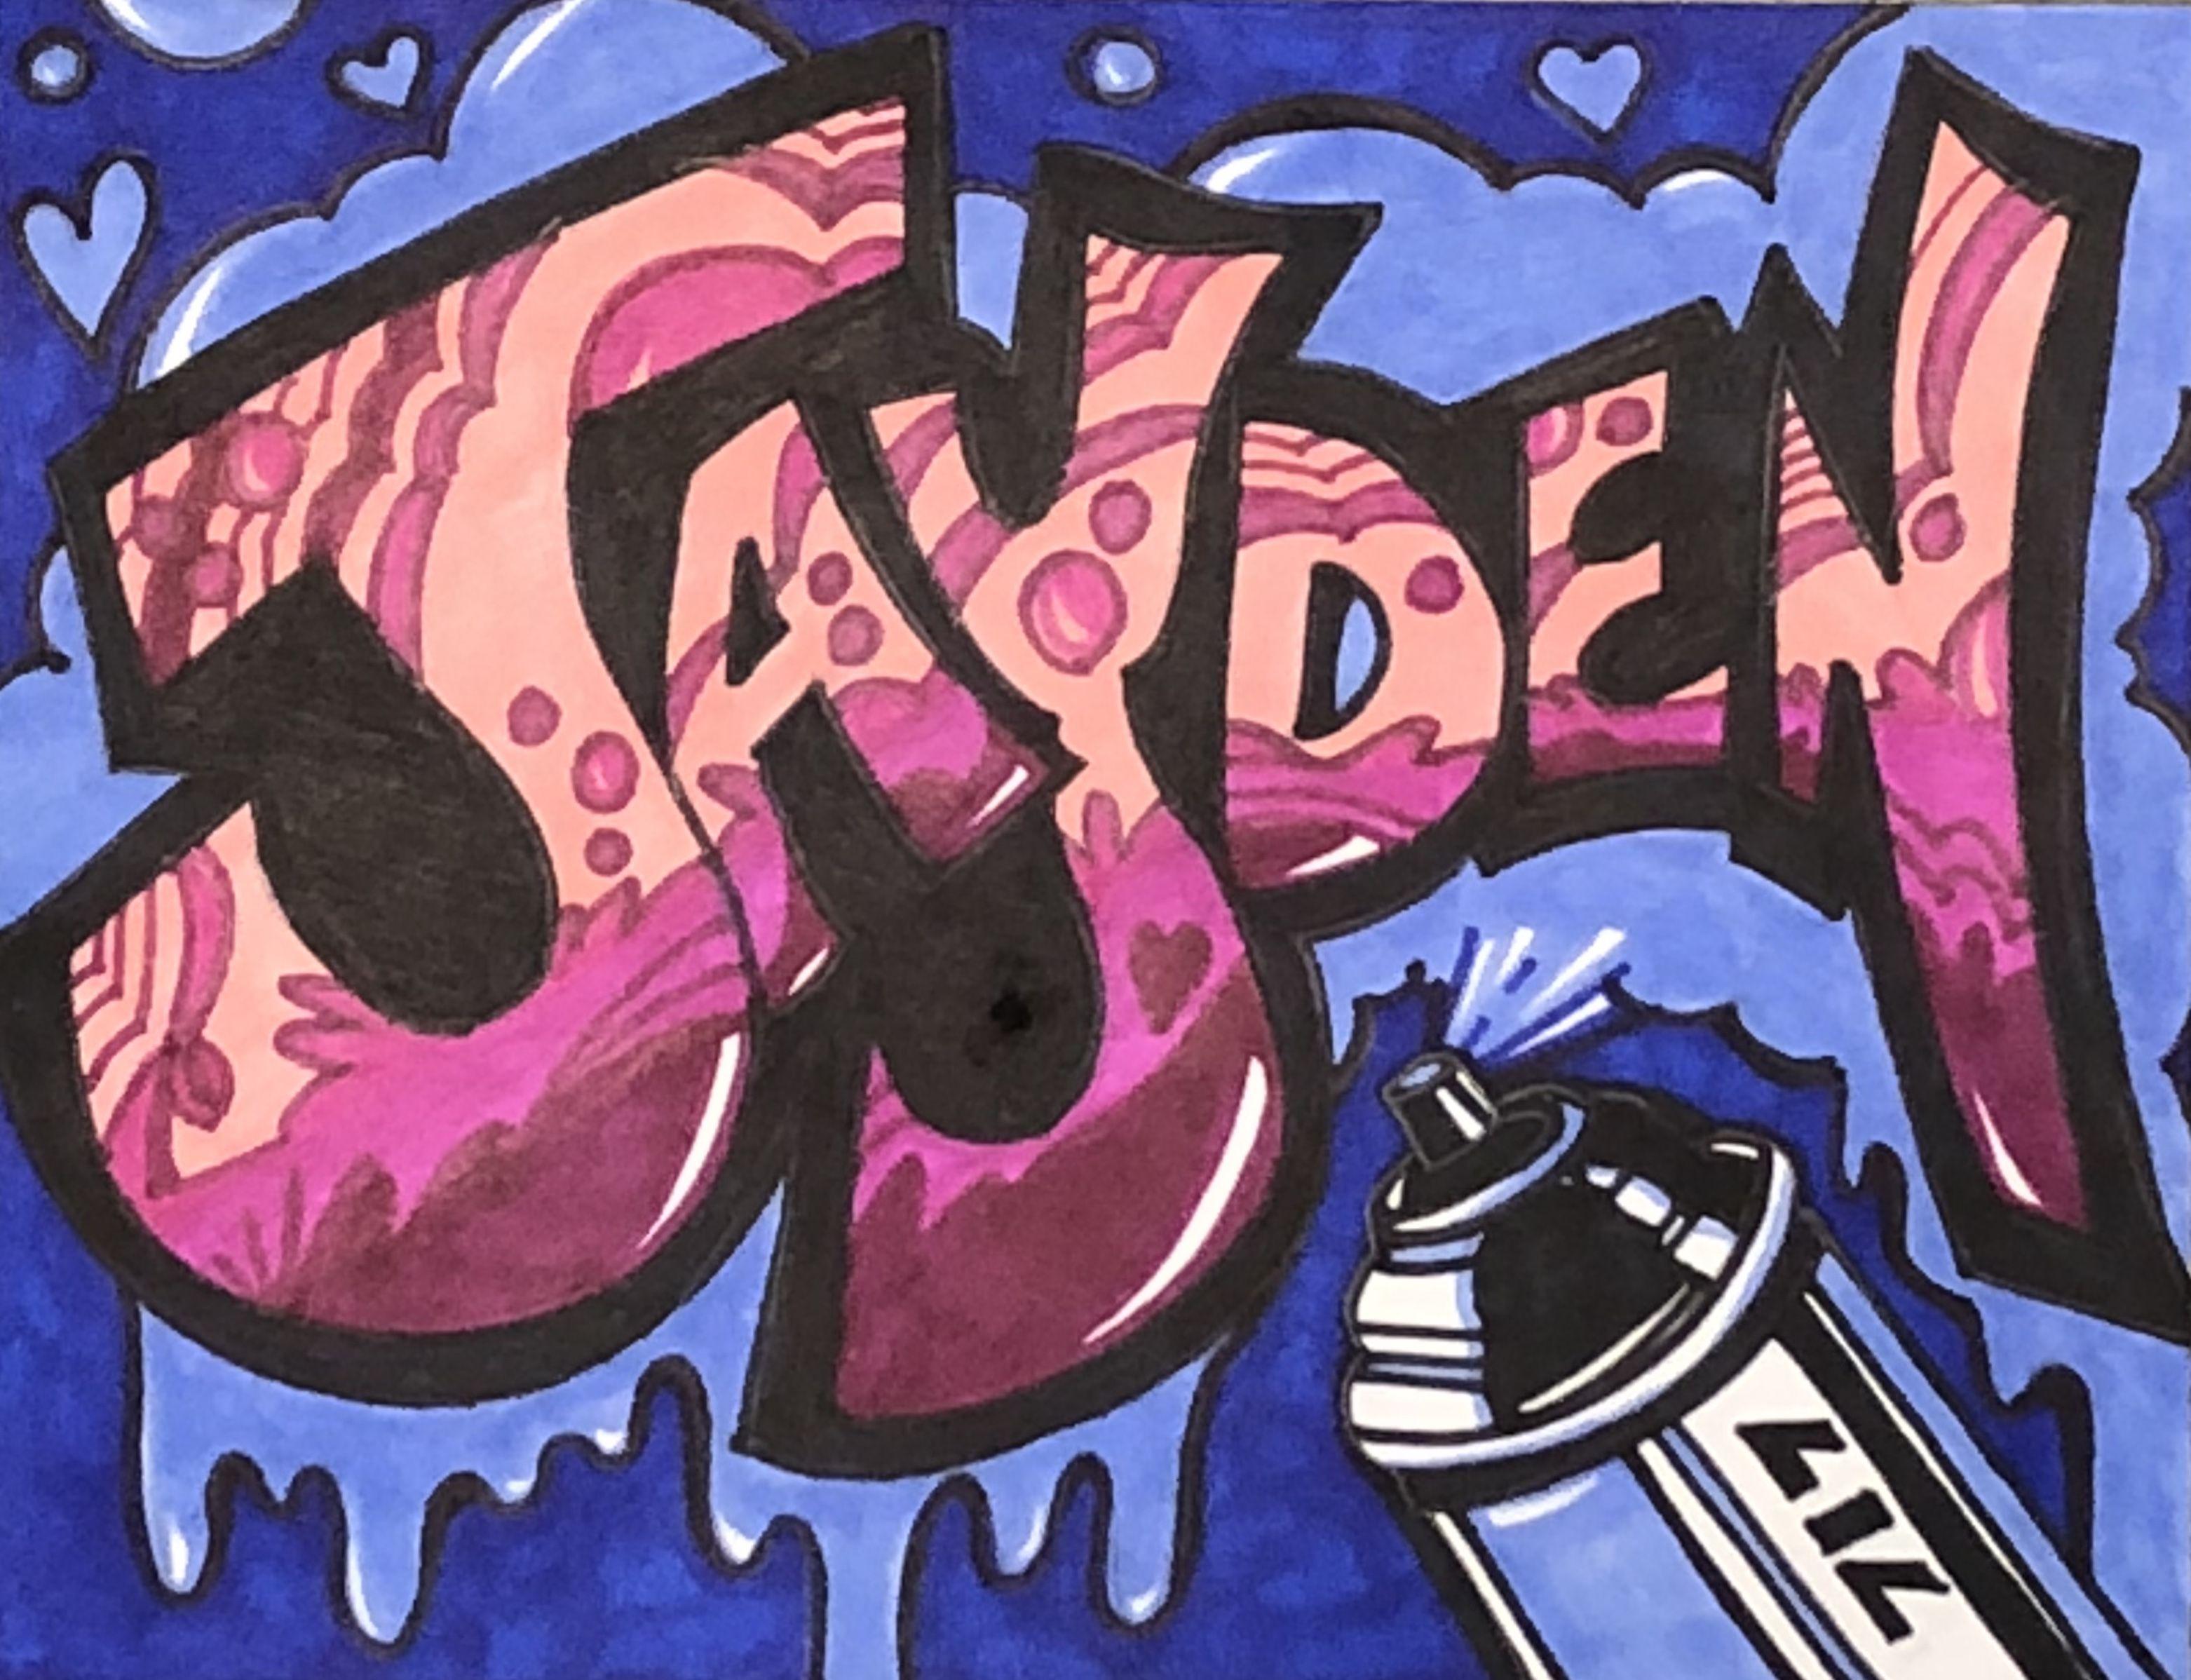 Graffiti Art Of My Daughters Name Jayden Evans Graffiti